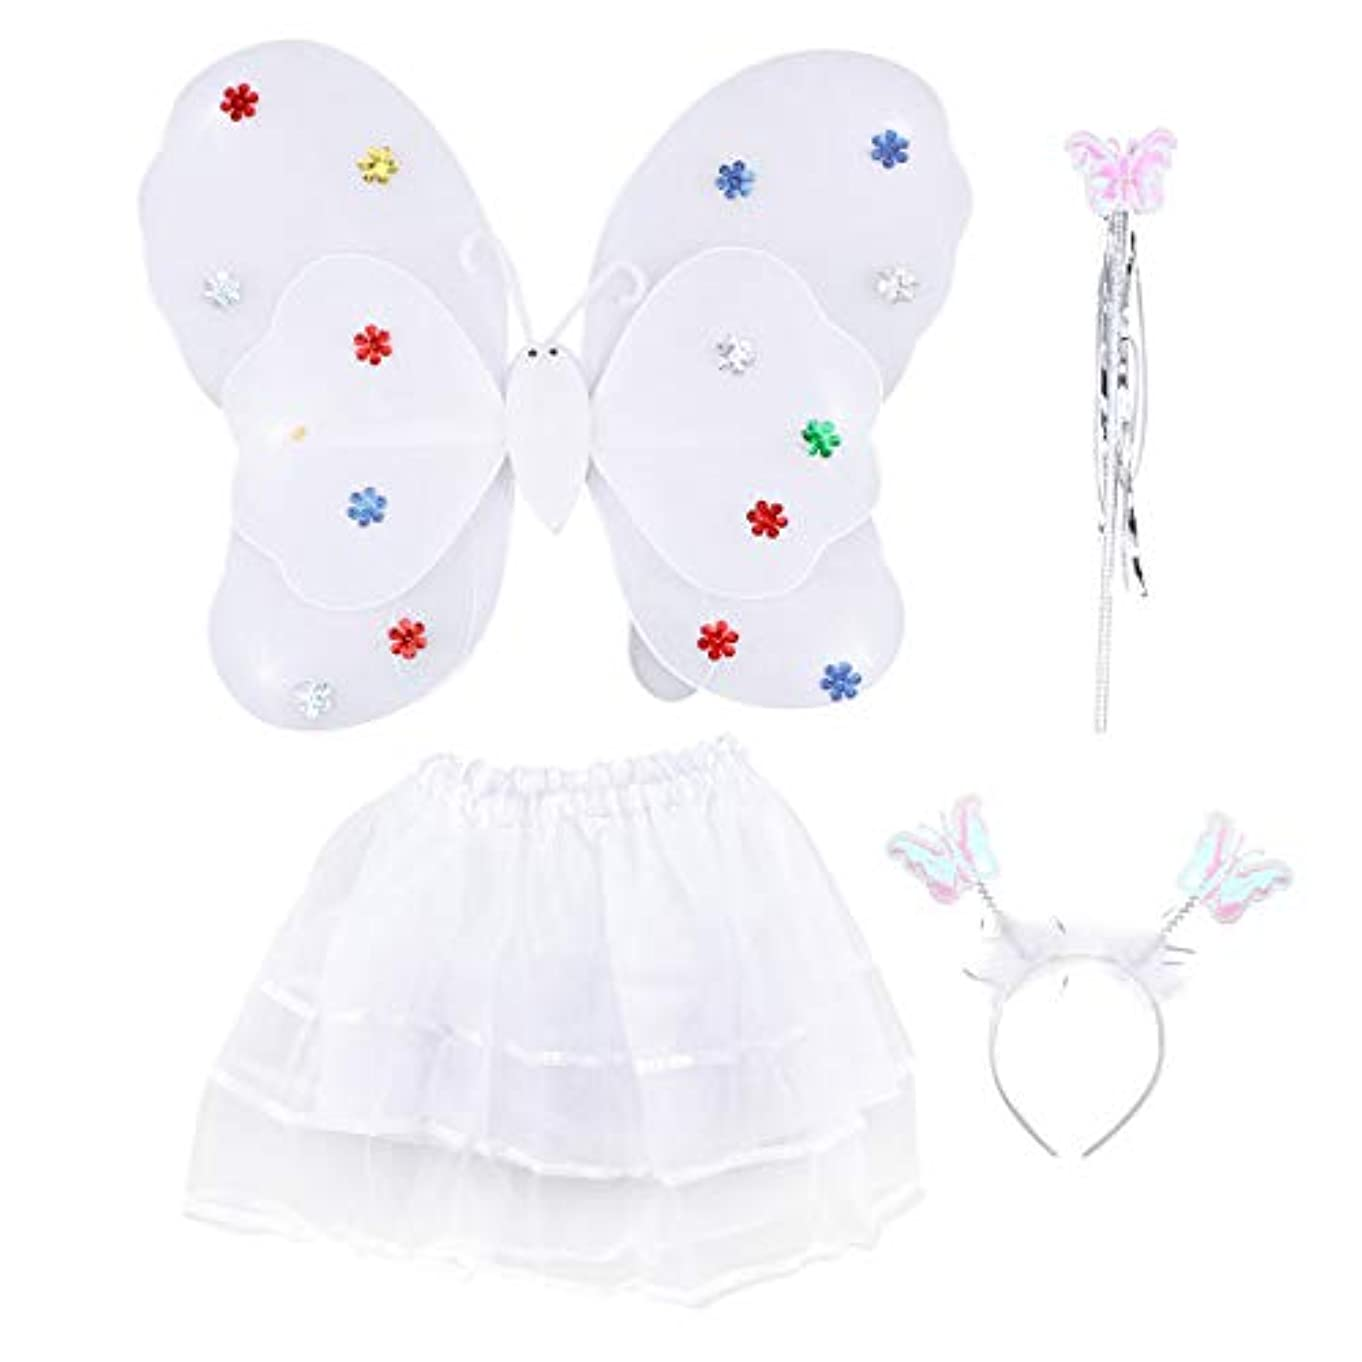 おばさん命令的くしゃみAmosfun 4ピース女の子の妖精の王女の衣装セットLEDライトアップバタフライウィングワンドヘッドバンドチュチュスカート女の子のための子供子供(白)